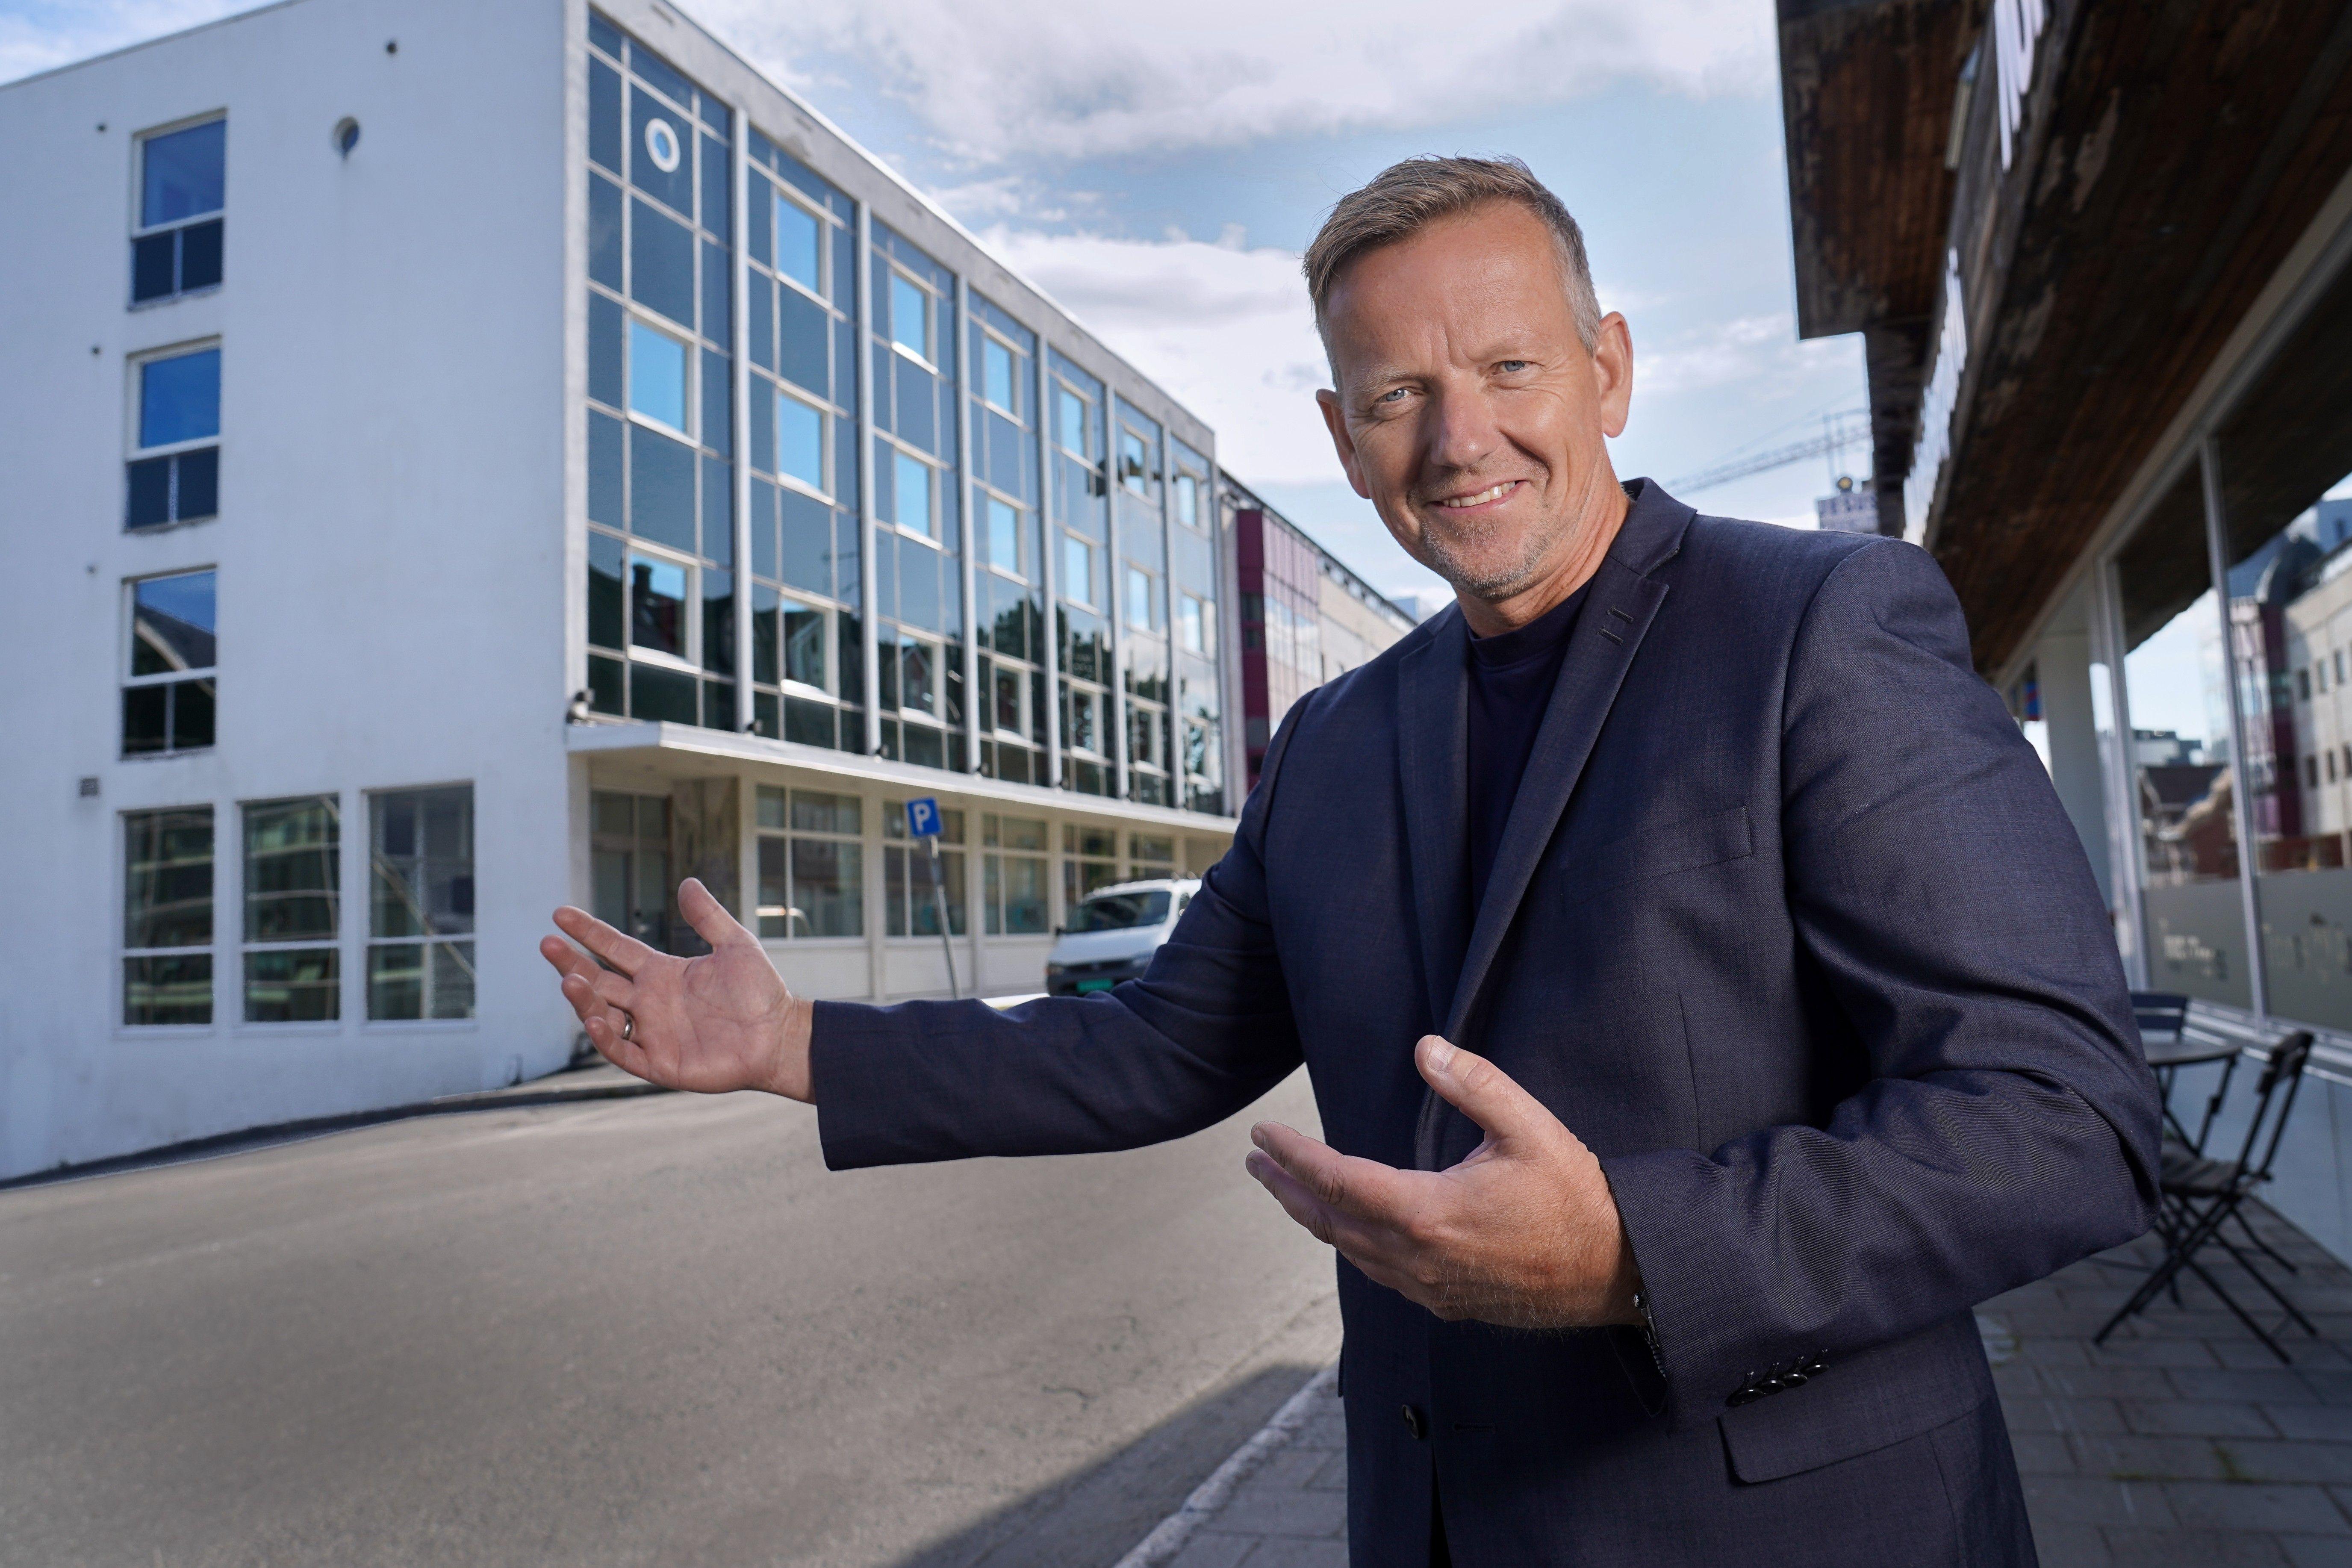 – Det er alltid en diskusjon om hva som er fremtidens kontorer. Er det åpne teamplasser eller tette cellekontor? Hos oss kan leietaker benytte cellekontor, eller vi kan tilpasse og gjøre deler av kontorlandskapet åpent, sier Morten Tidemann i Pago.